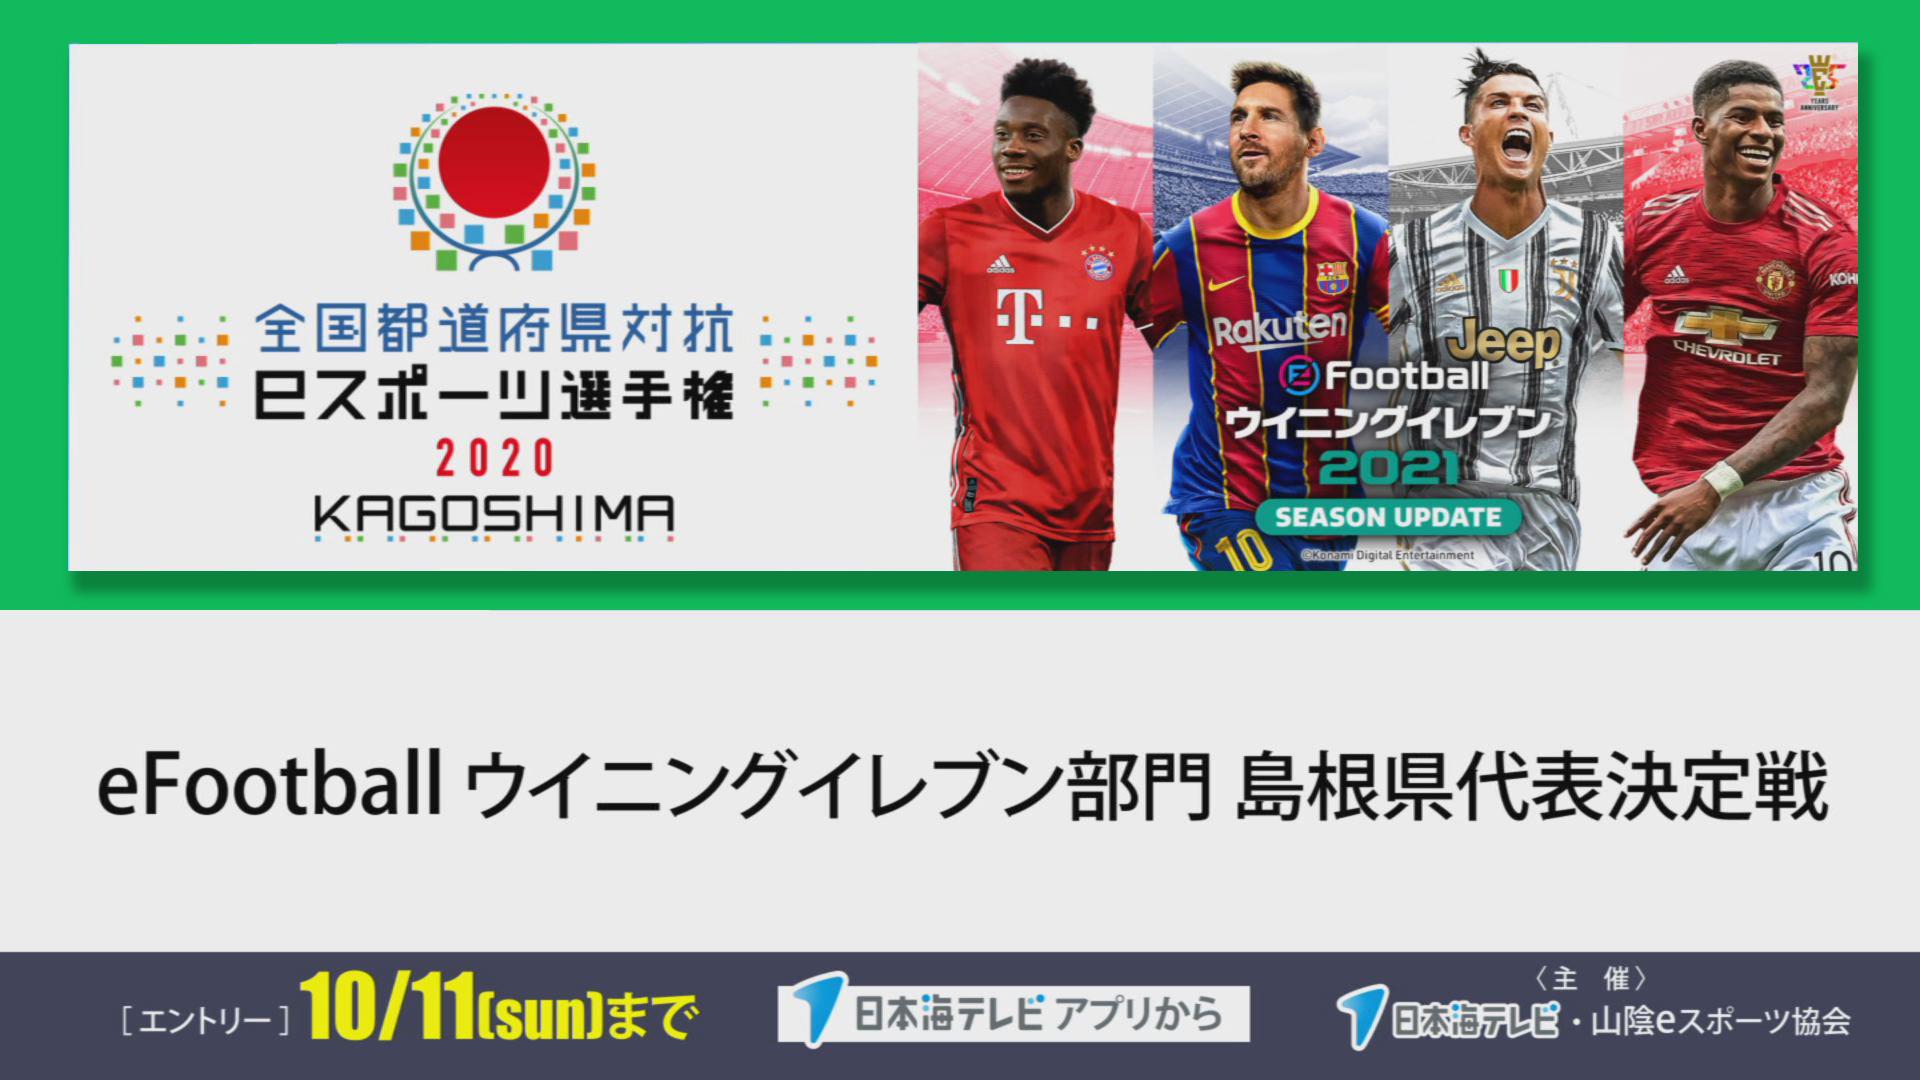 eFootballウイニングイレブン部門 島根県代表決定戦開催!